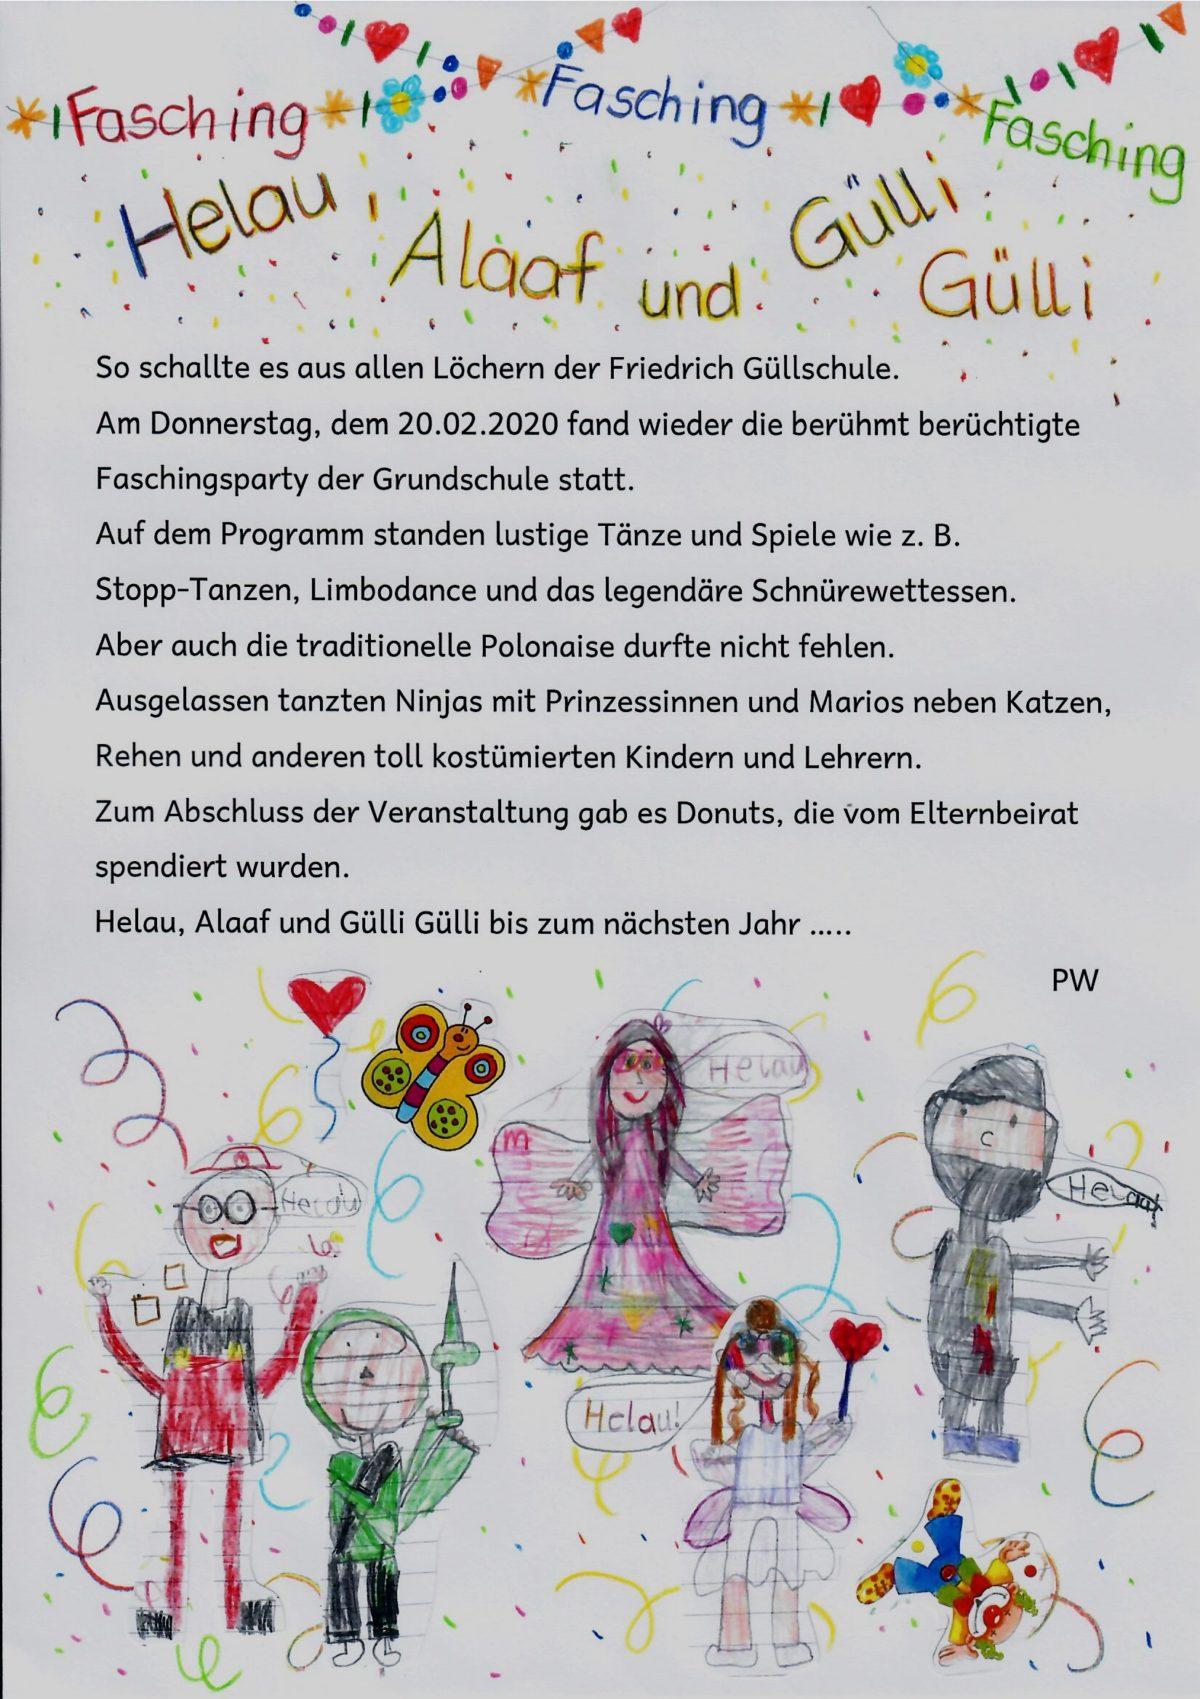 Fasching an der Friedrich-Güll-Schule